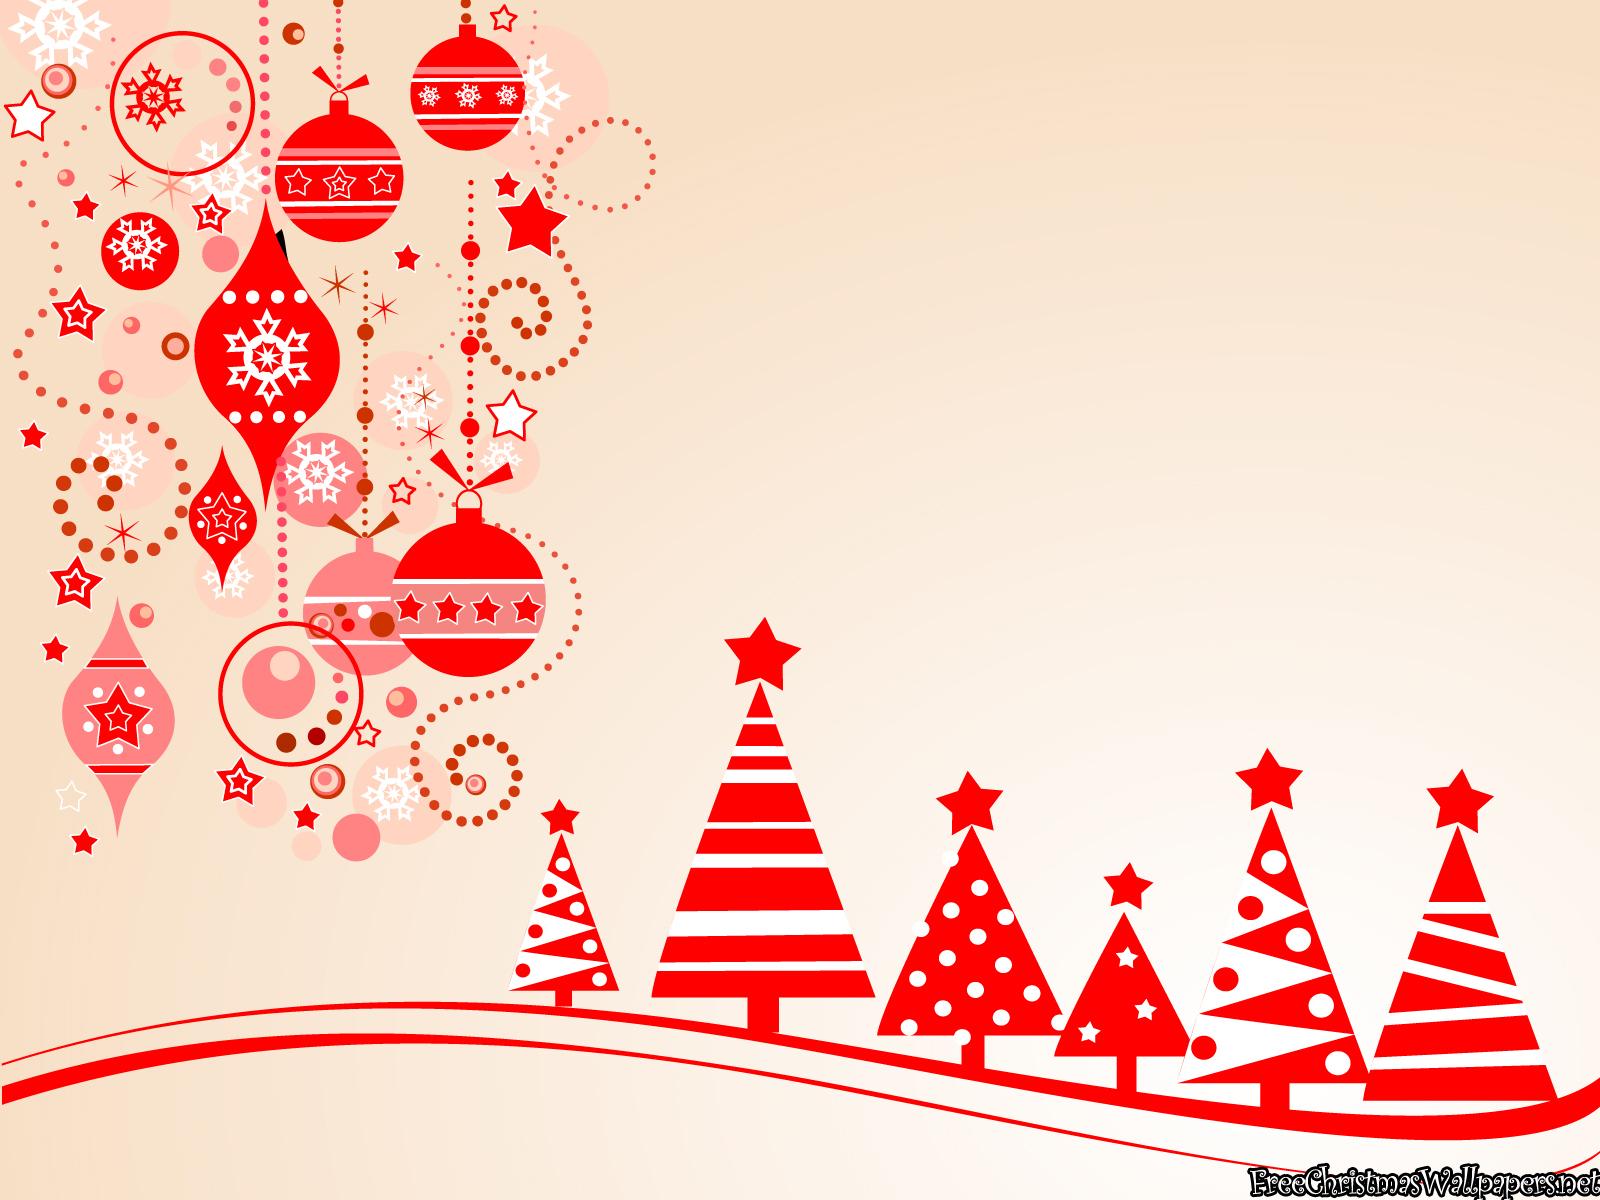 наш векторные картинки рождество и новый год бы